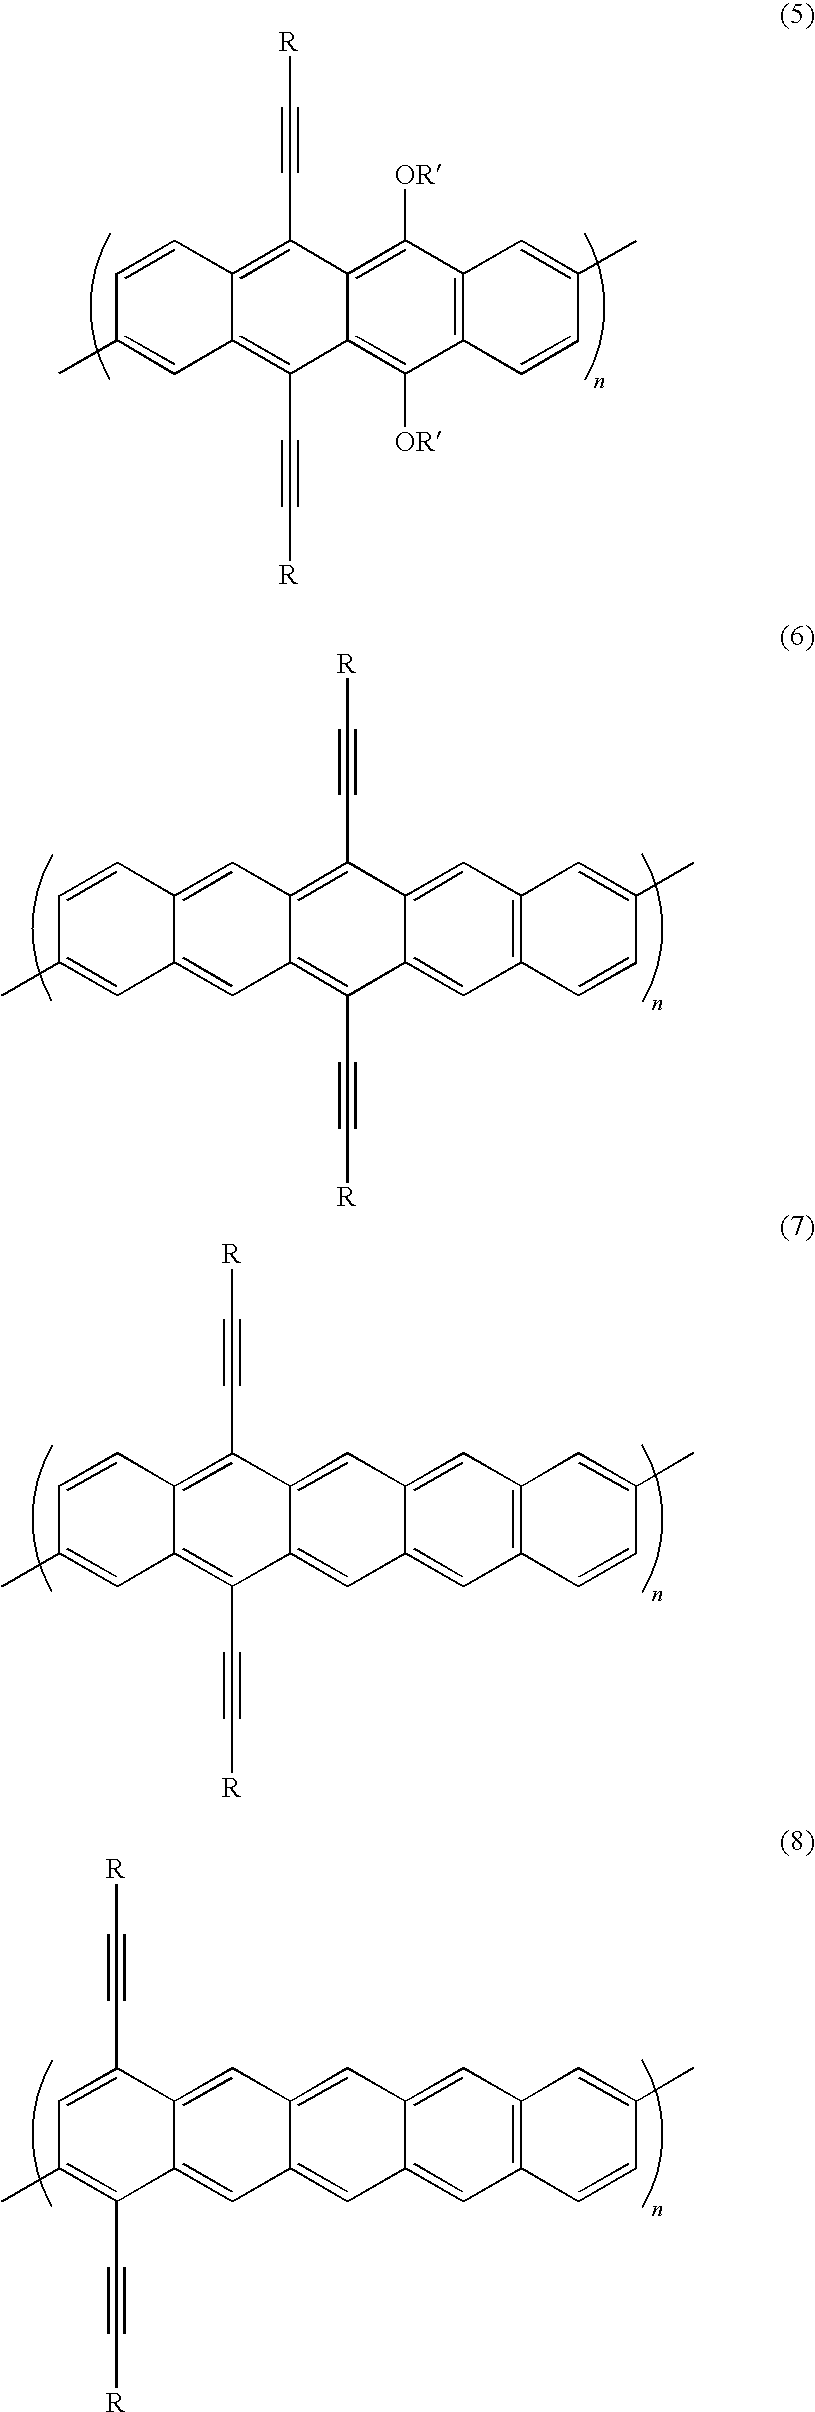 Figure US07550760-20090623-C00004